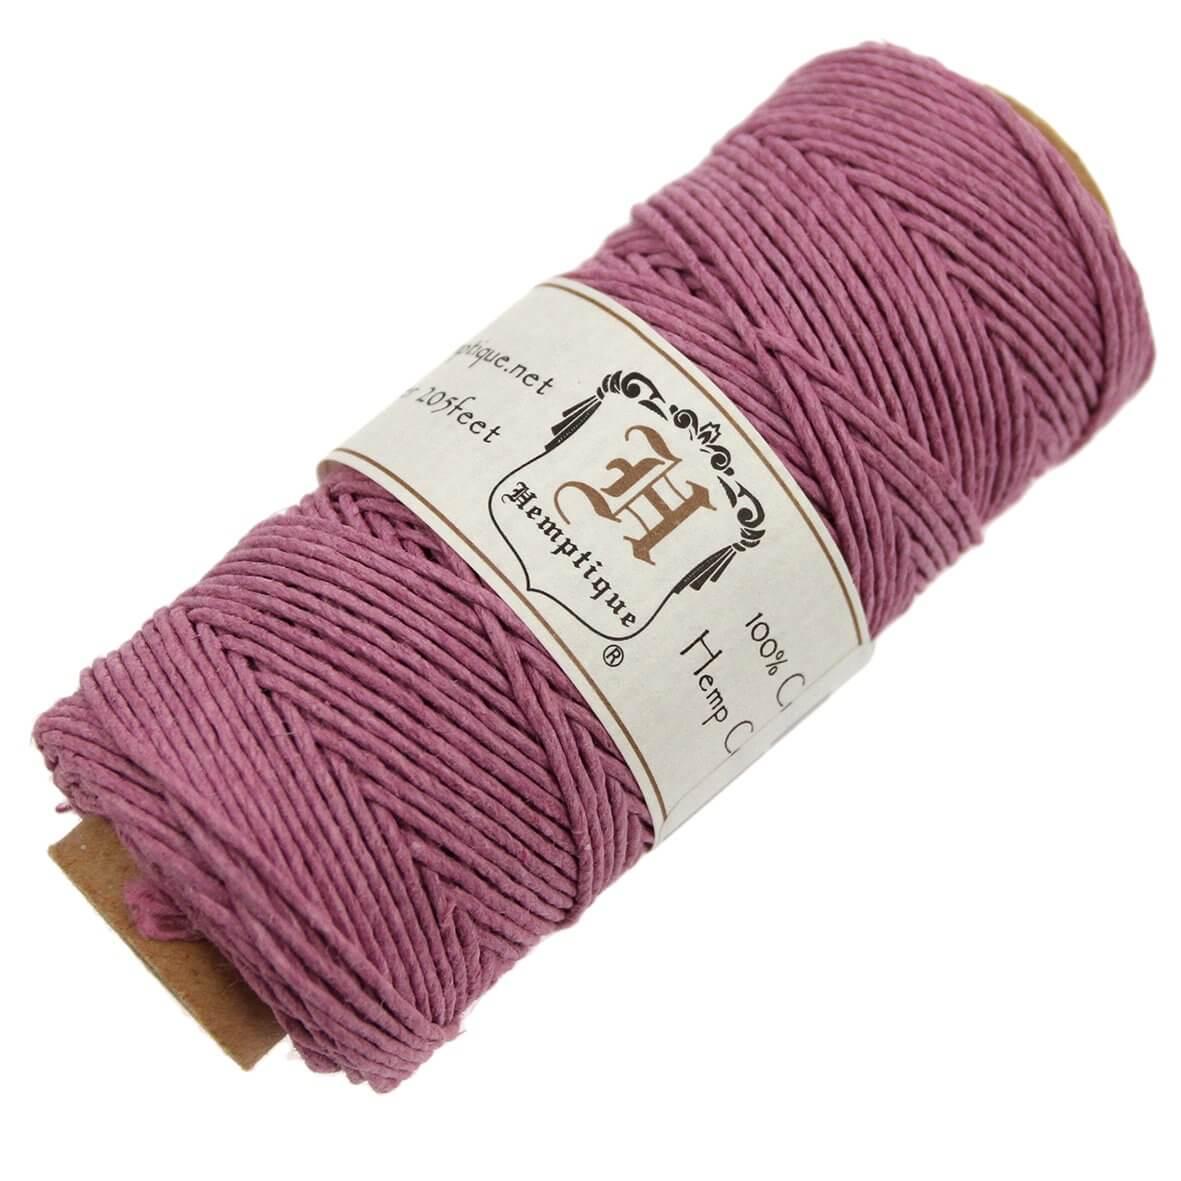 Hemptique Hemp Cord - Light Pink